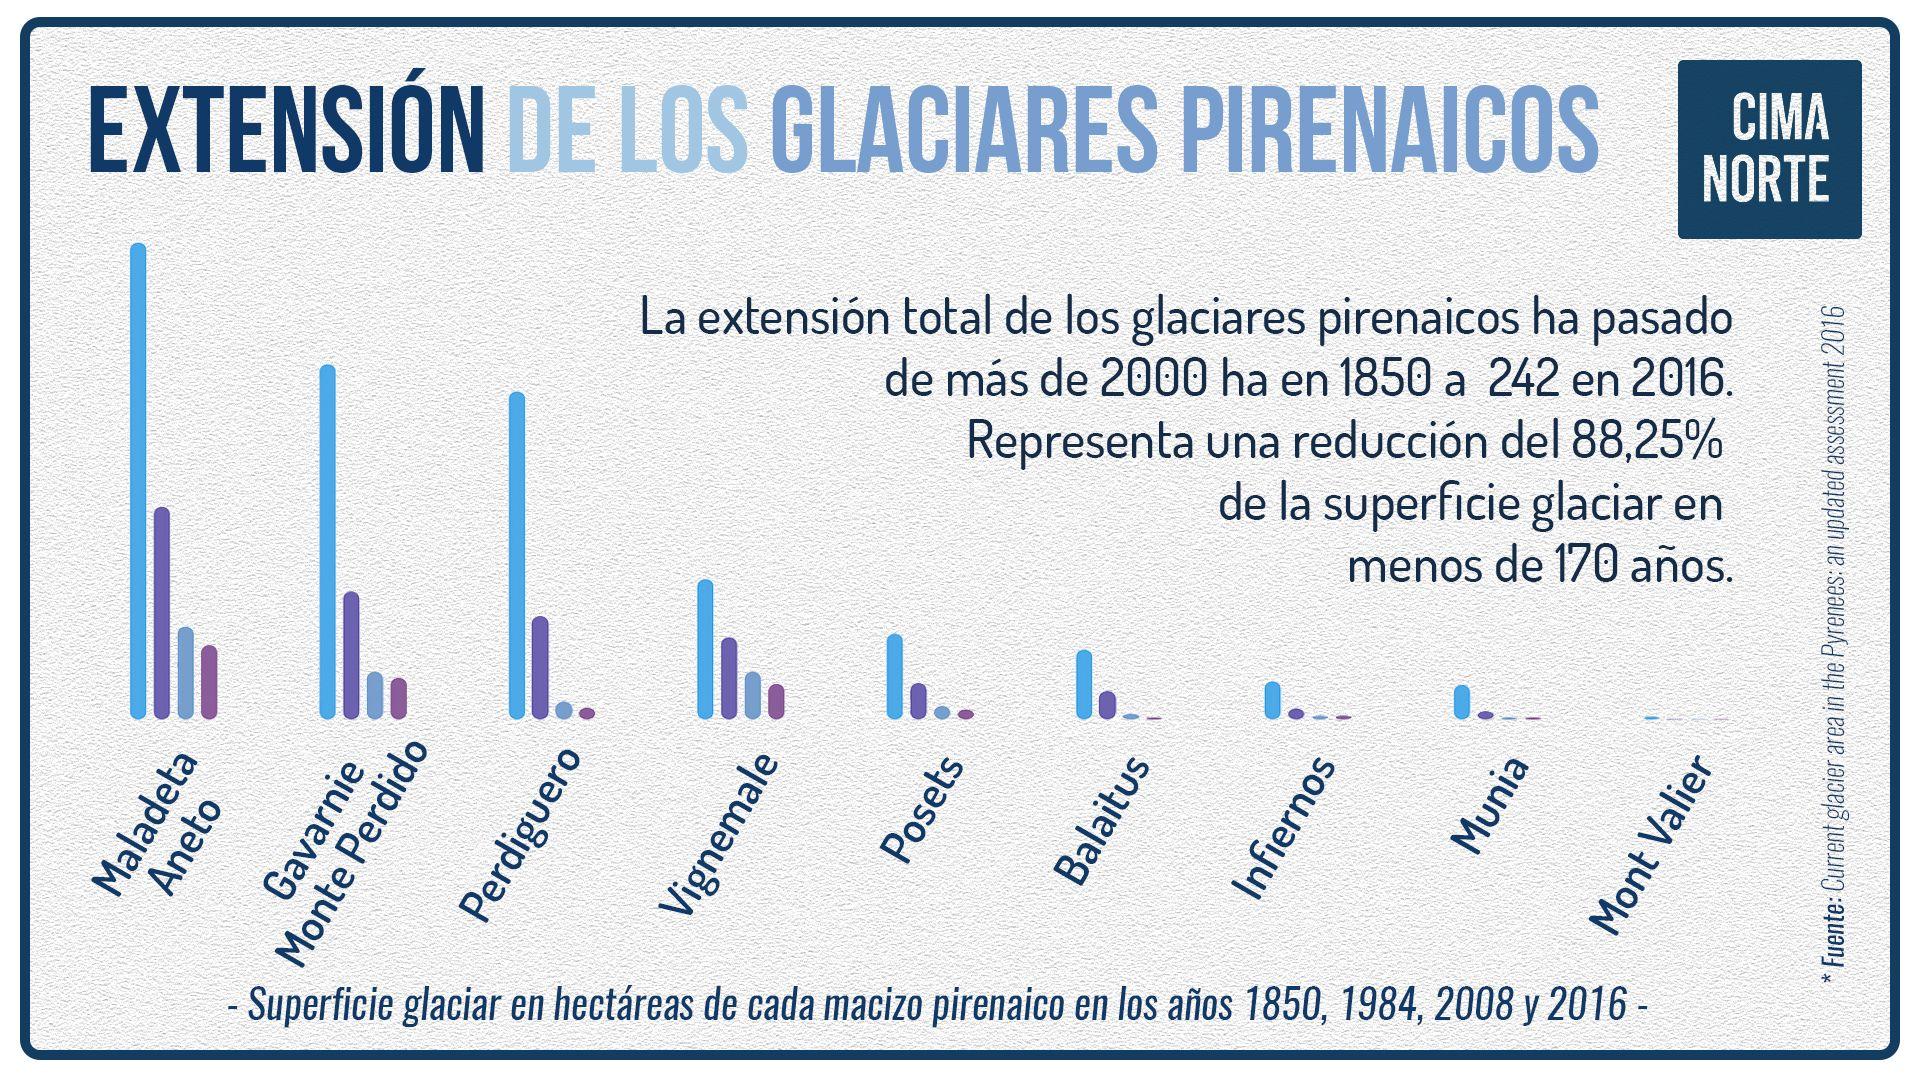 extensión y reducción de los glaciares pirenaicos por macizo